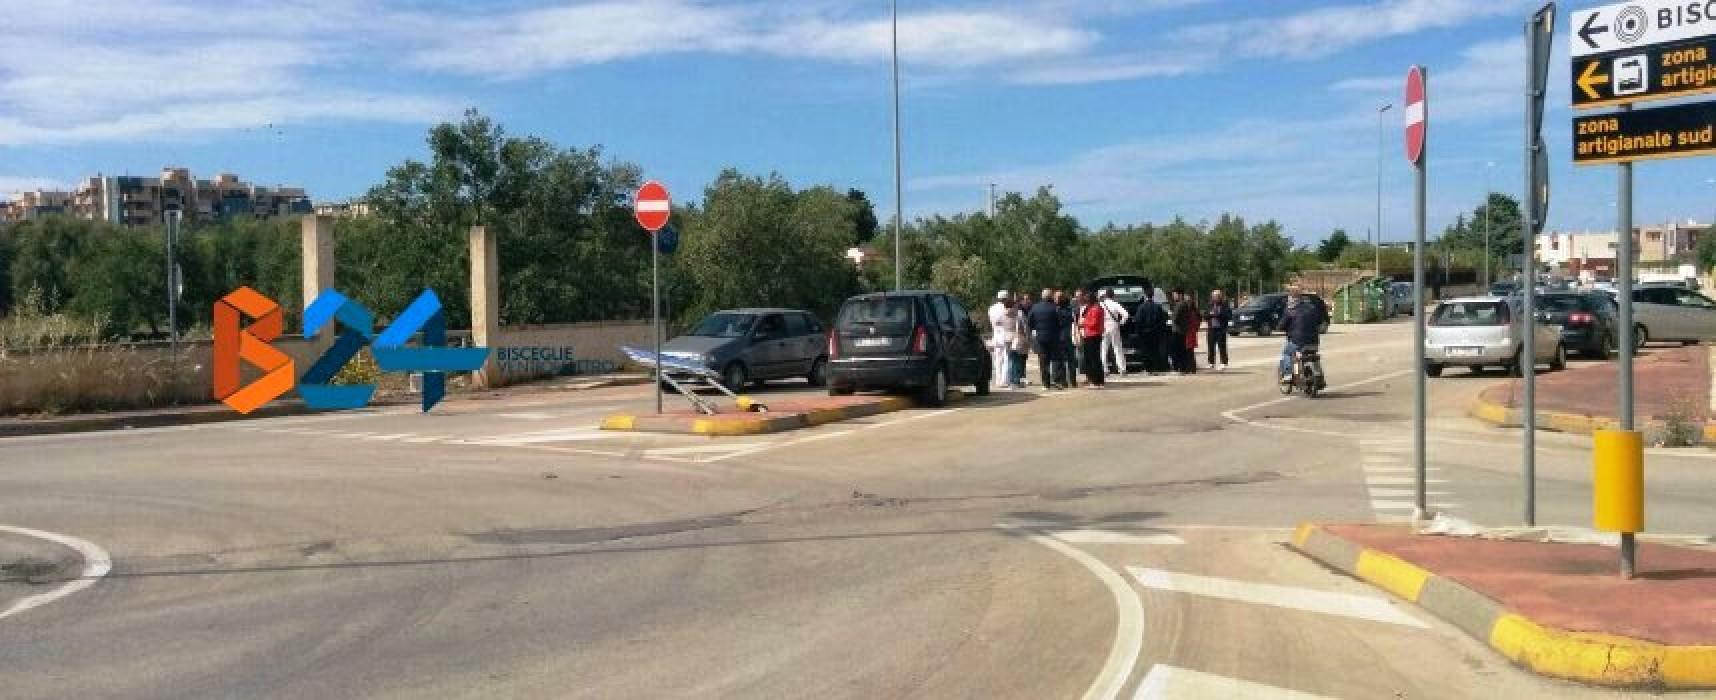 Violento impatto tra due auto alla rotatoria di Strada del Carro / FOTO